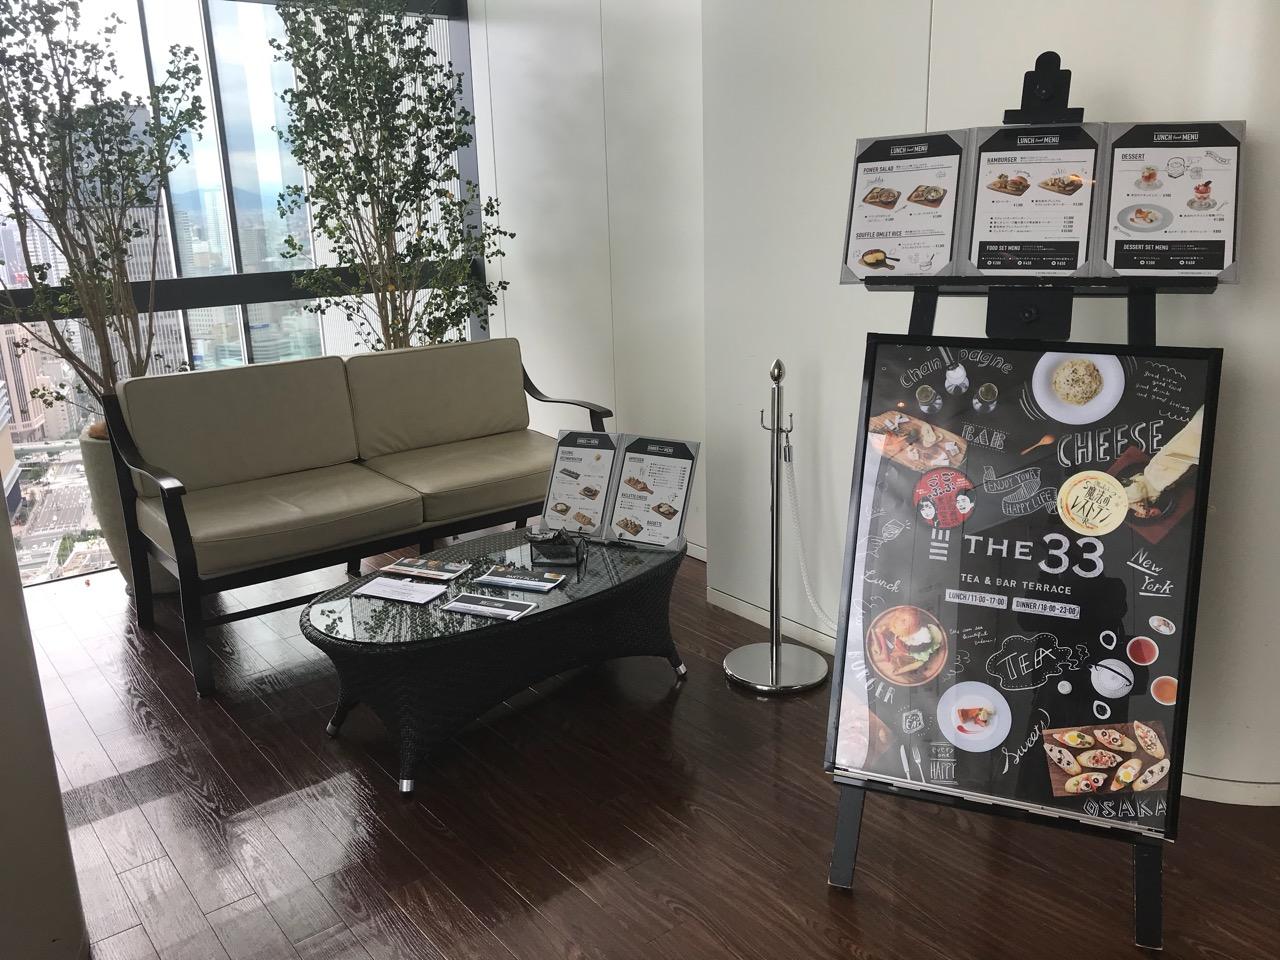 梅田など大阪のおすすめランチ特集《2019年版》- 女子会やデートにおすすめのカフェやレストラン11選_21